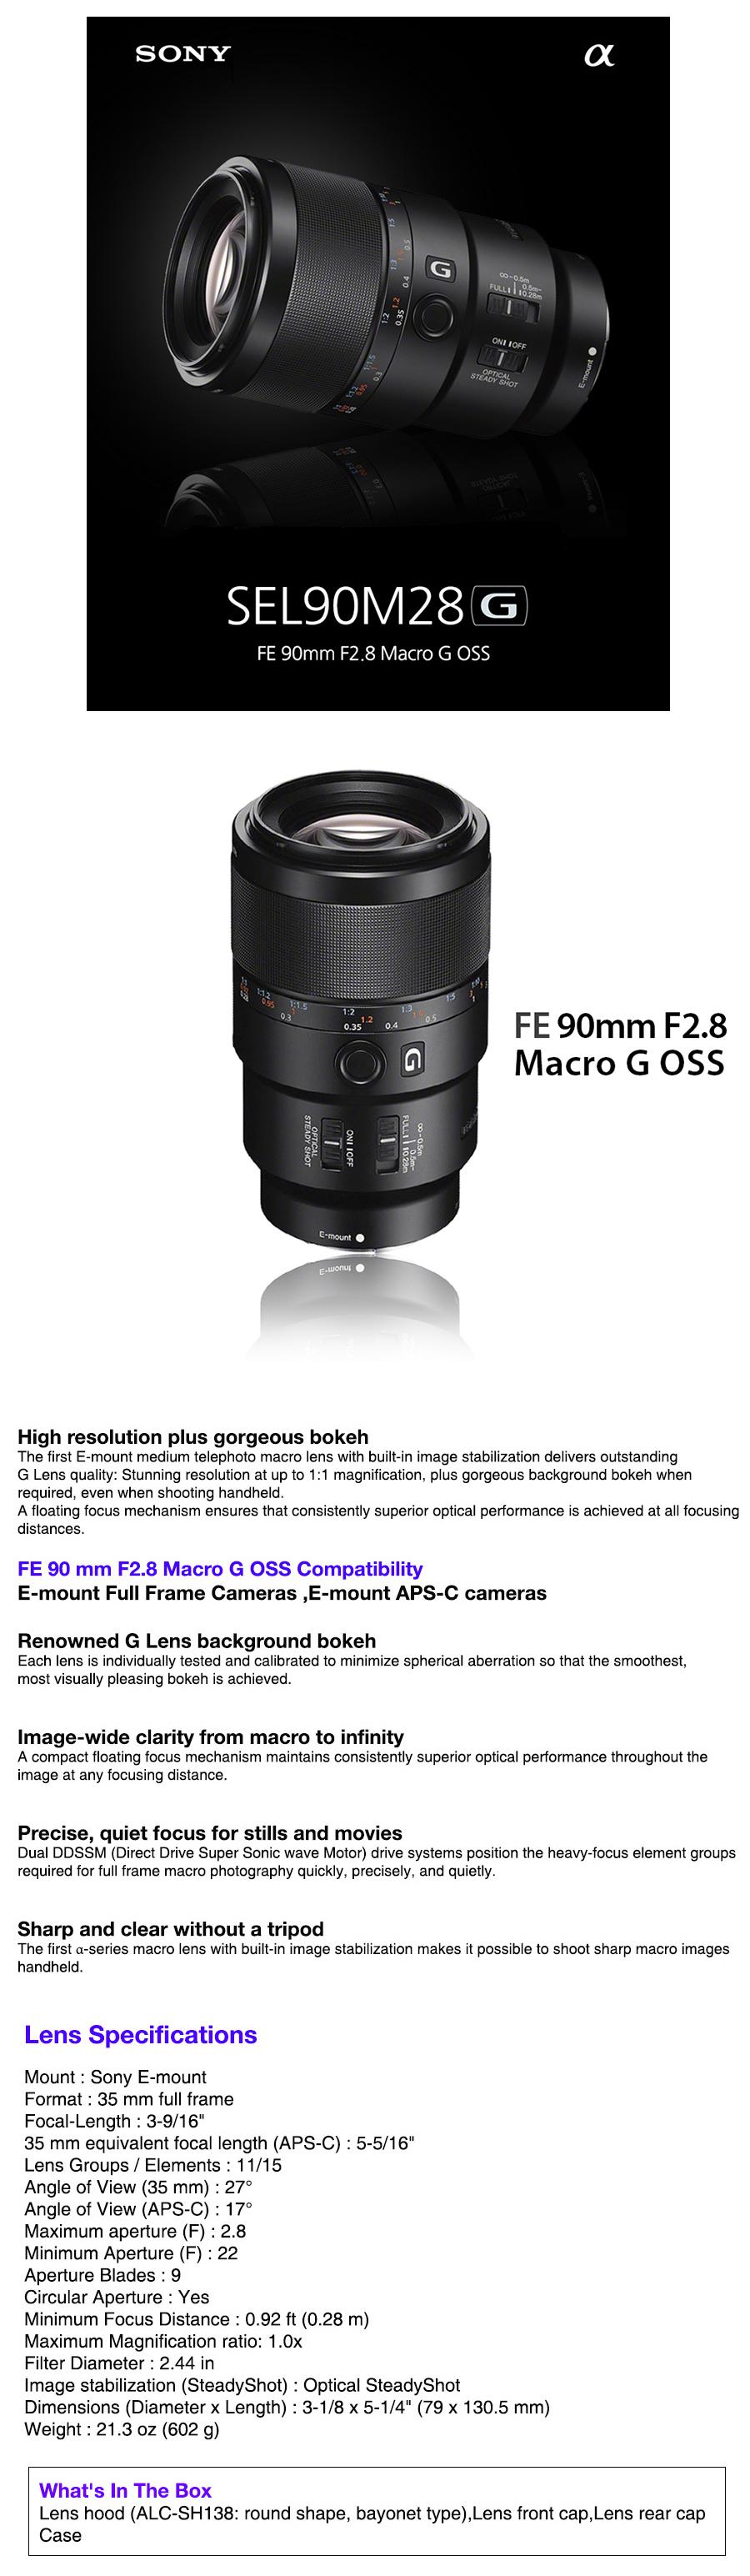 Sony SEL90M28G FE 90mm F2.8 Micro G OSS Lens ForSony E-mount Full ...